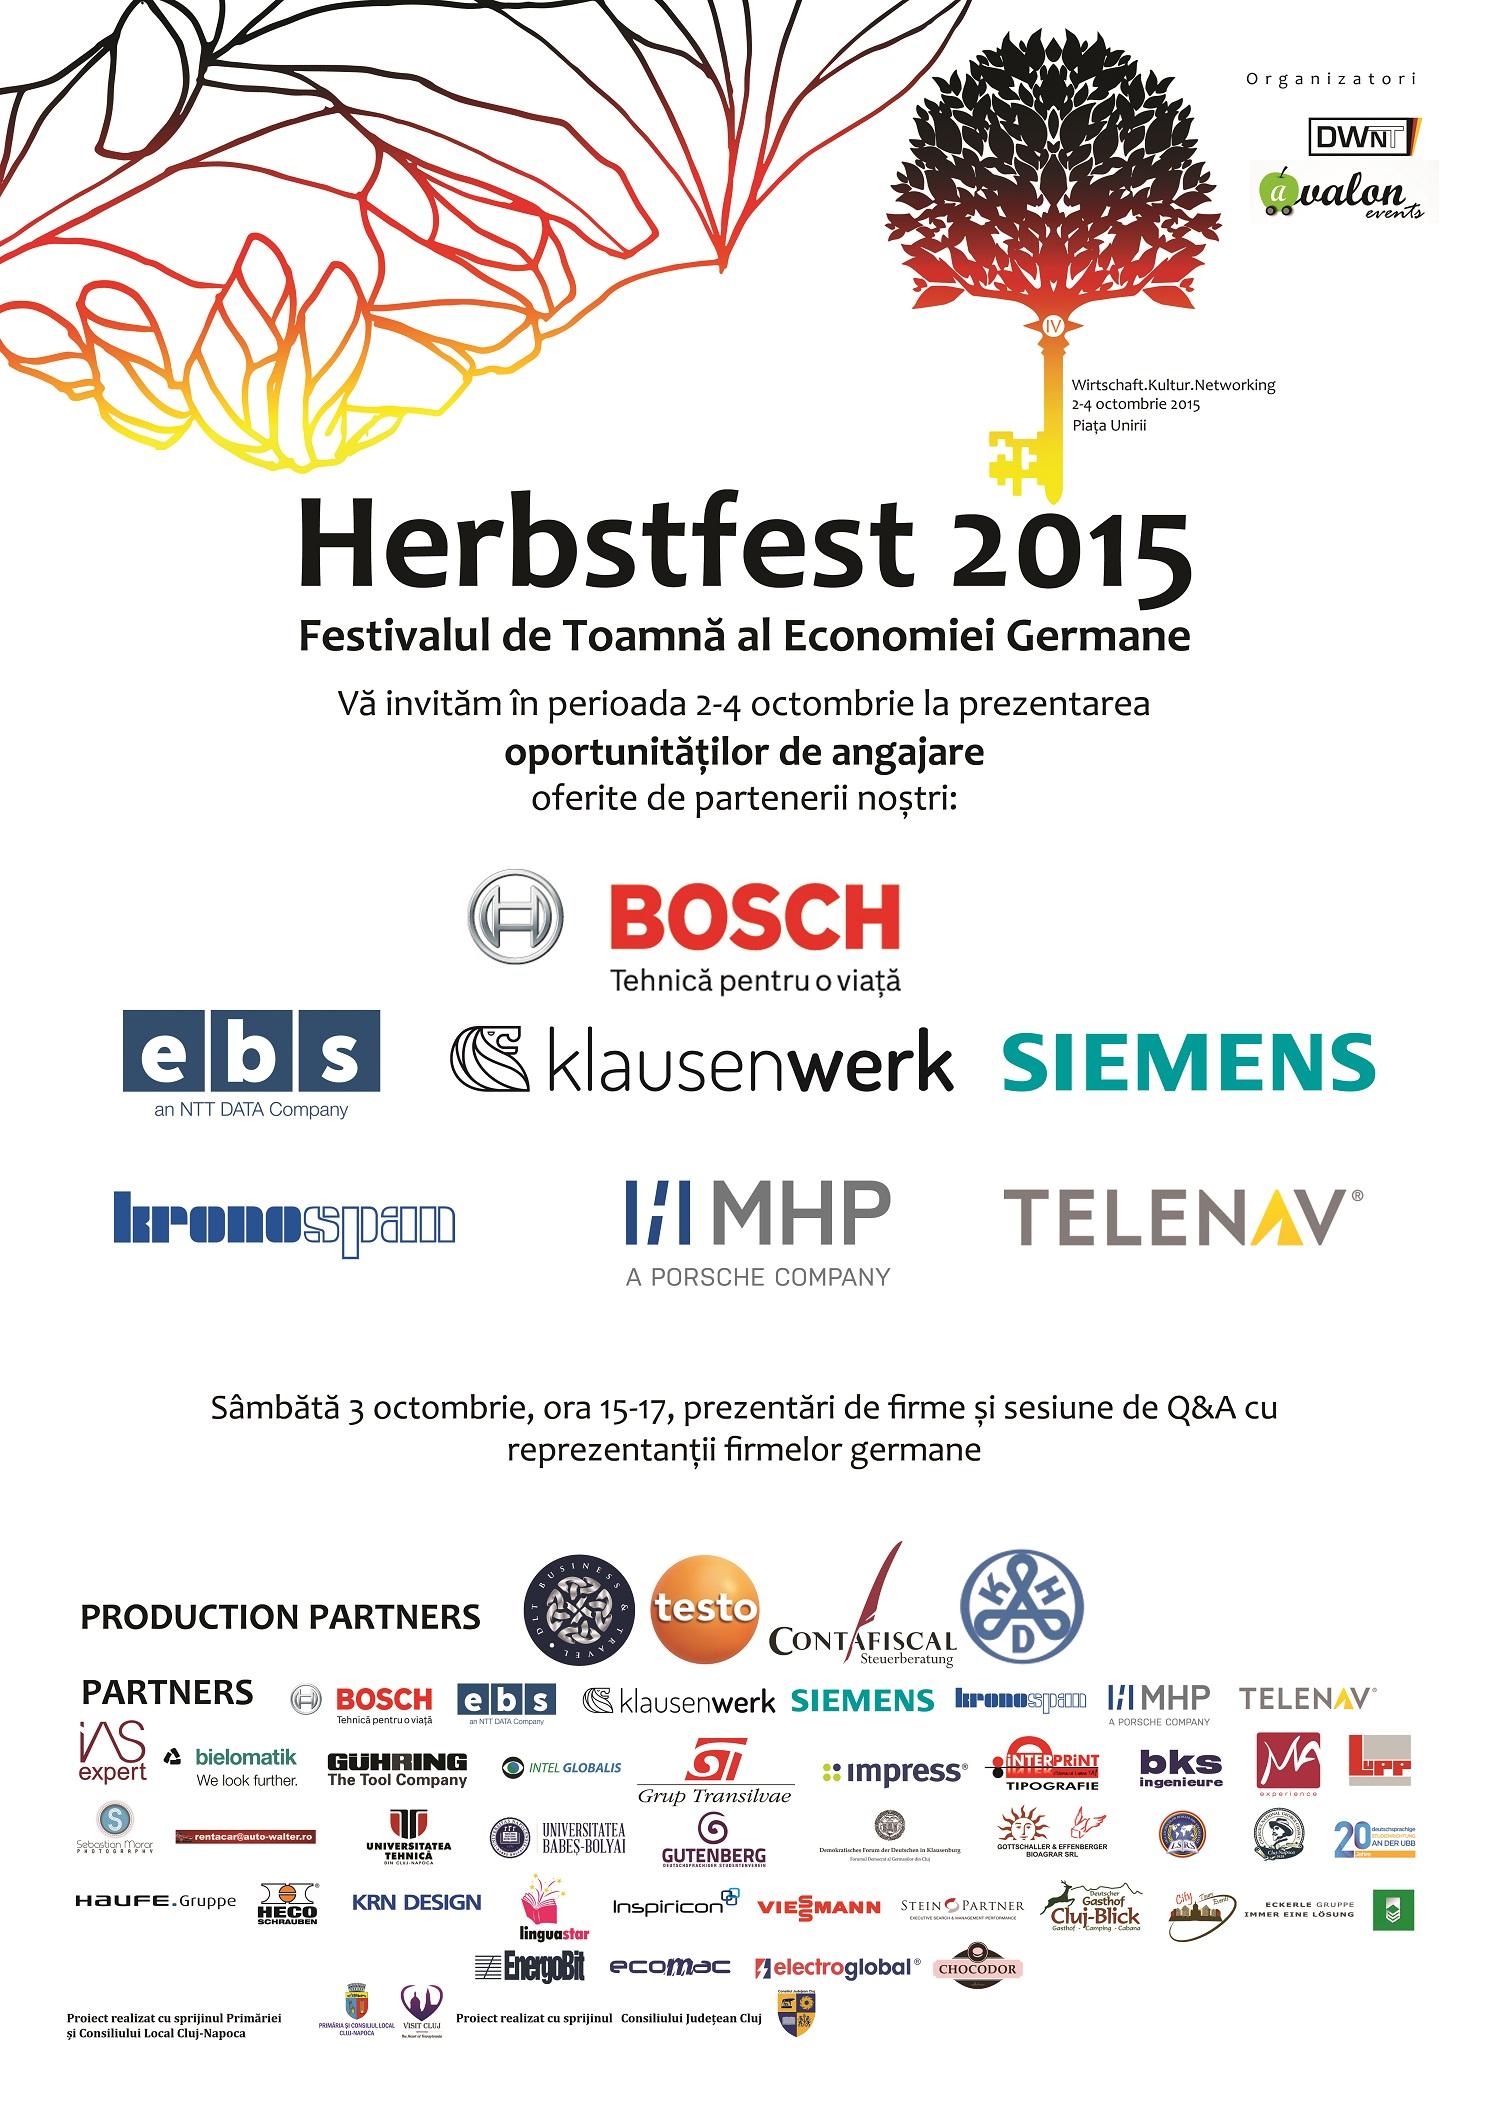 Herbstfest oferă oportunități de angajare la firmele germane din Transilvania